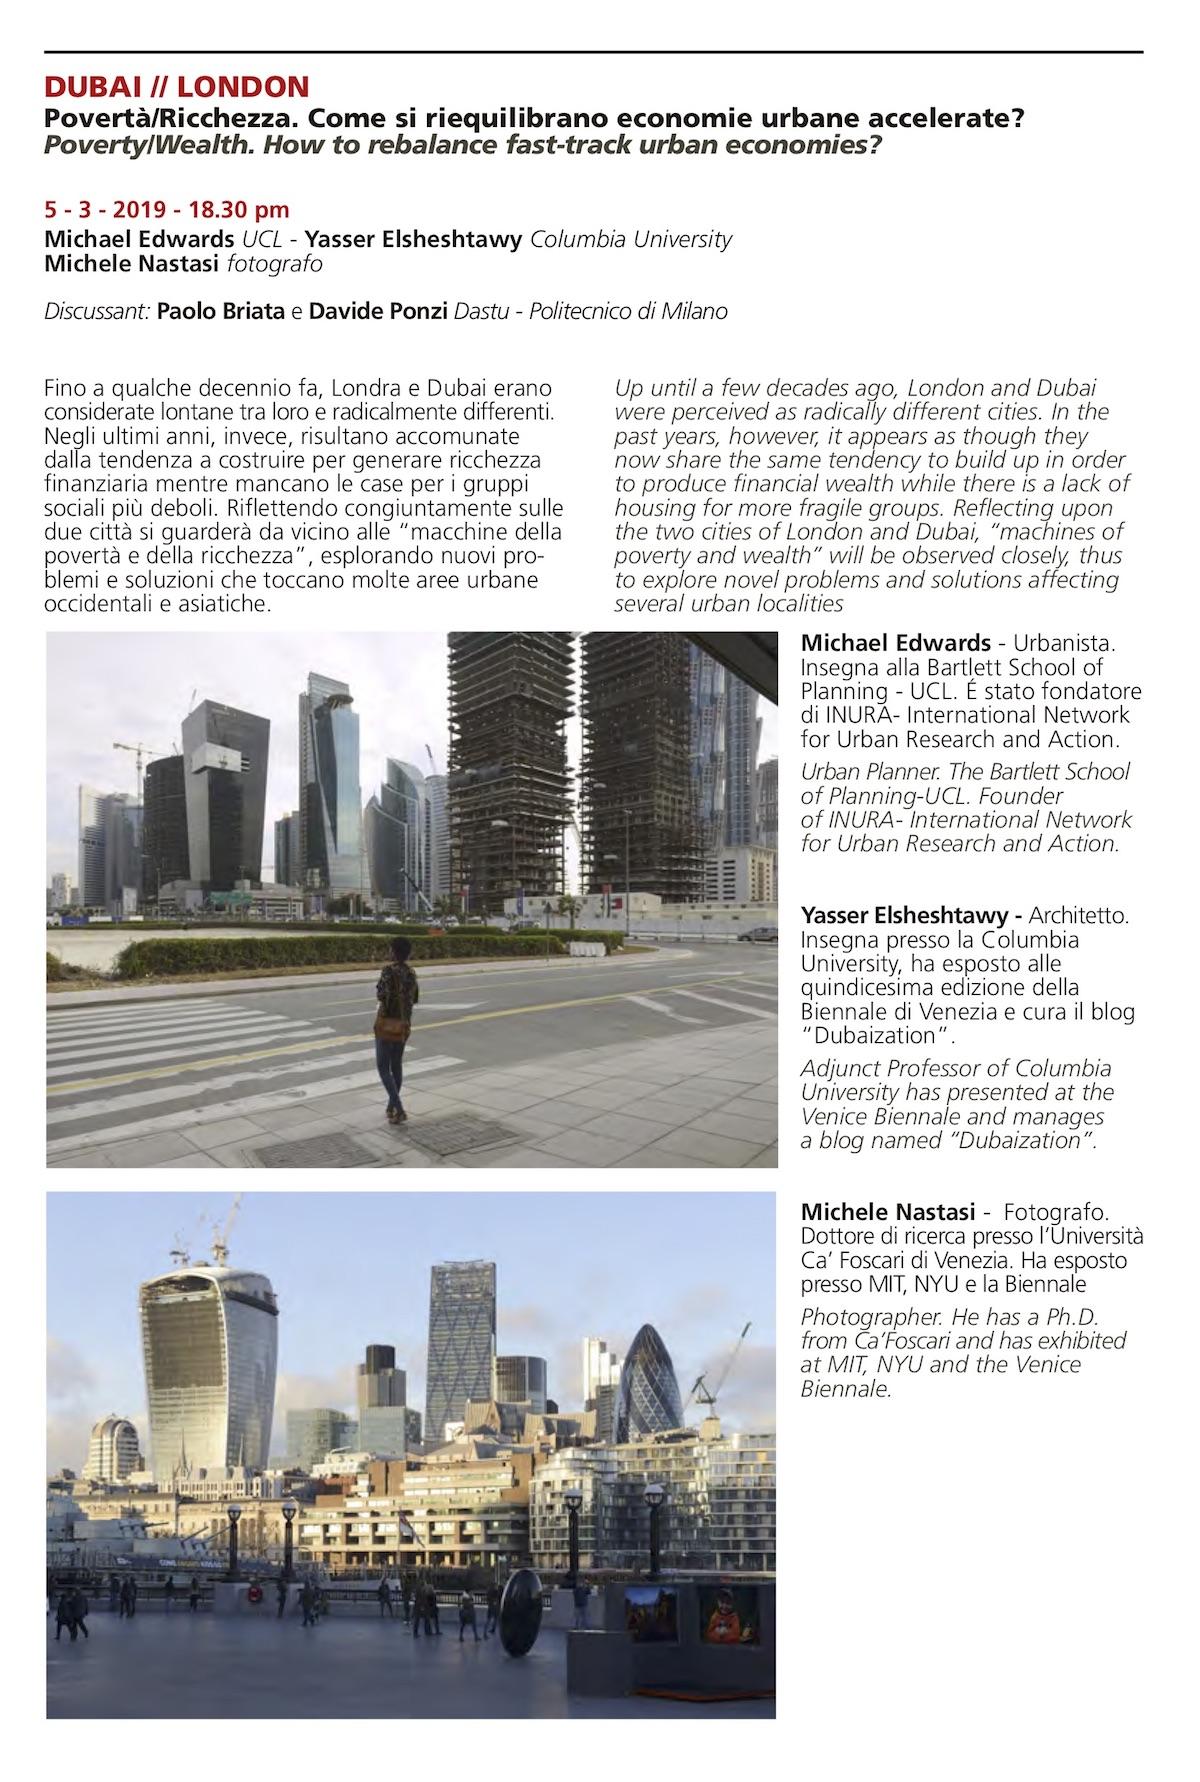 Londra e Dubai